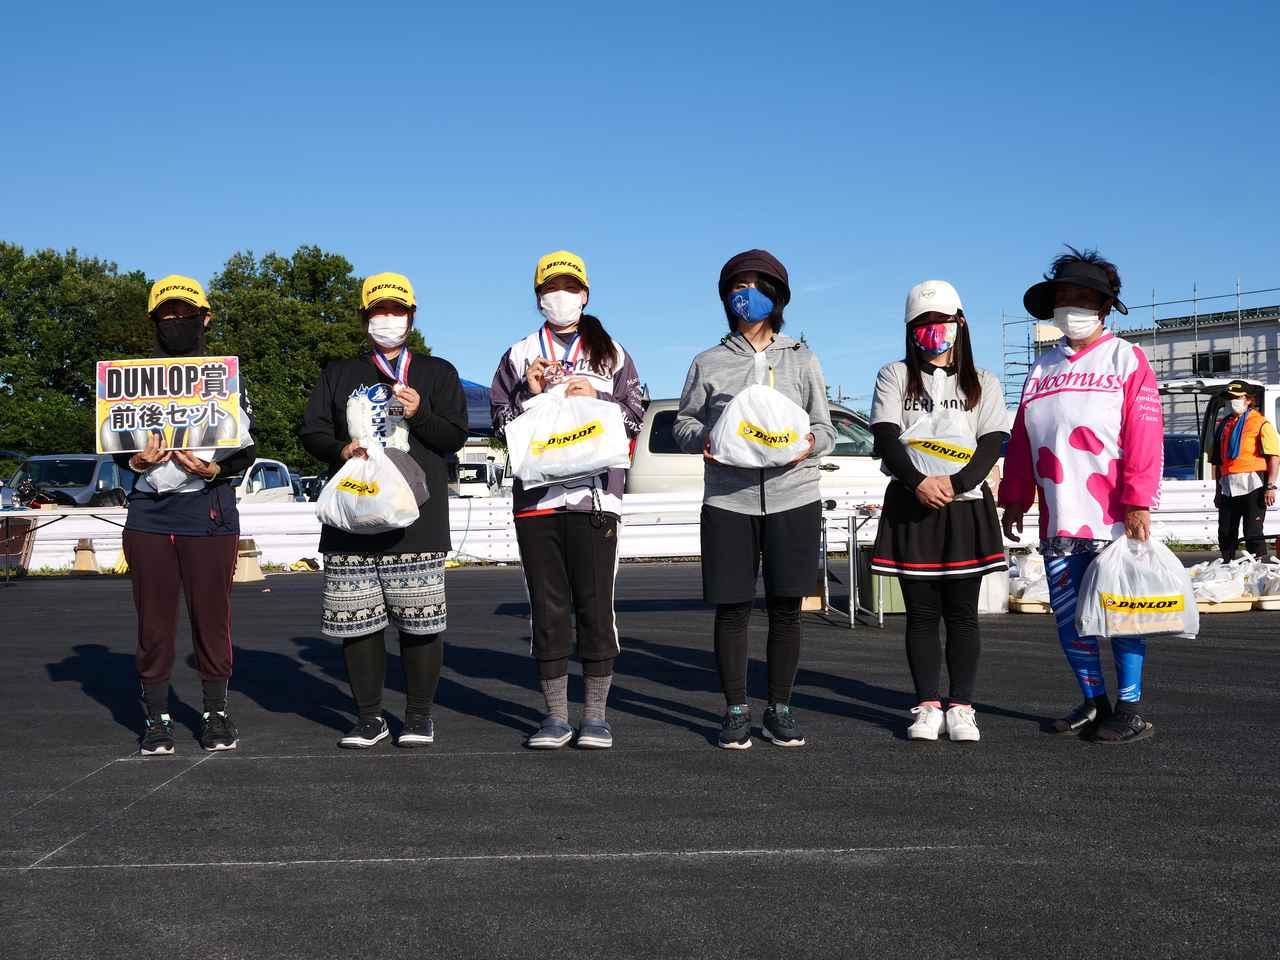 画像: ●NL級入賞者 左から1位・前嶋恵利香選手、2位・小澤絵美選手、3位・土橋朋子選手、4位・榊山 絢選手、5位・朝永昭子選手、6位・加瀬l京見選手 NL級をはじめ、各クラスのウイナーには、ダンロップ賞としてダンロップタイヤ前後1セットが贈られる。